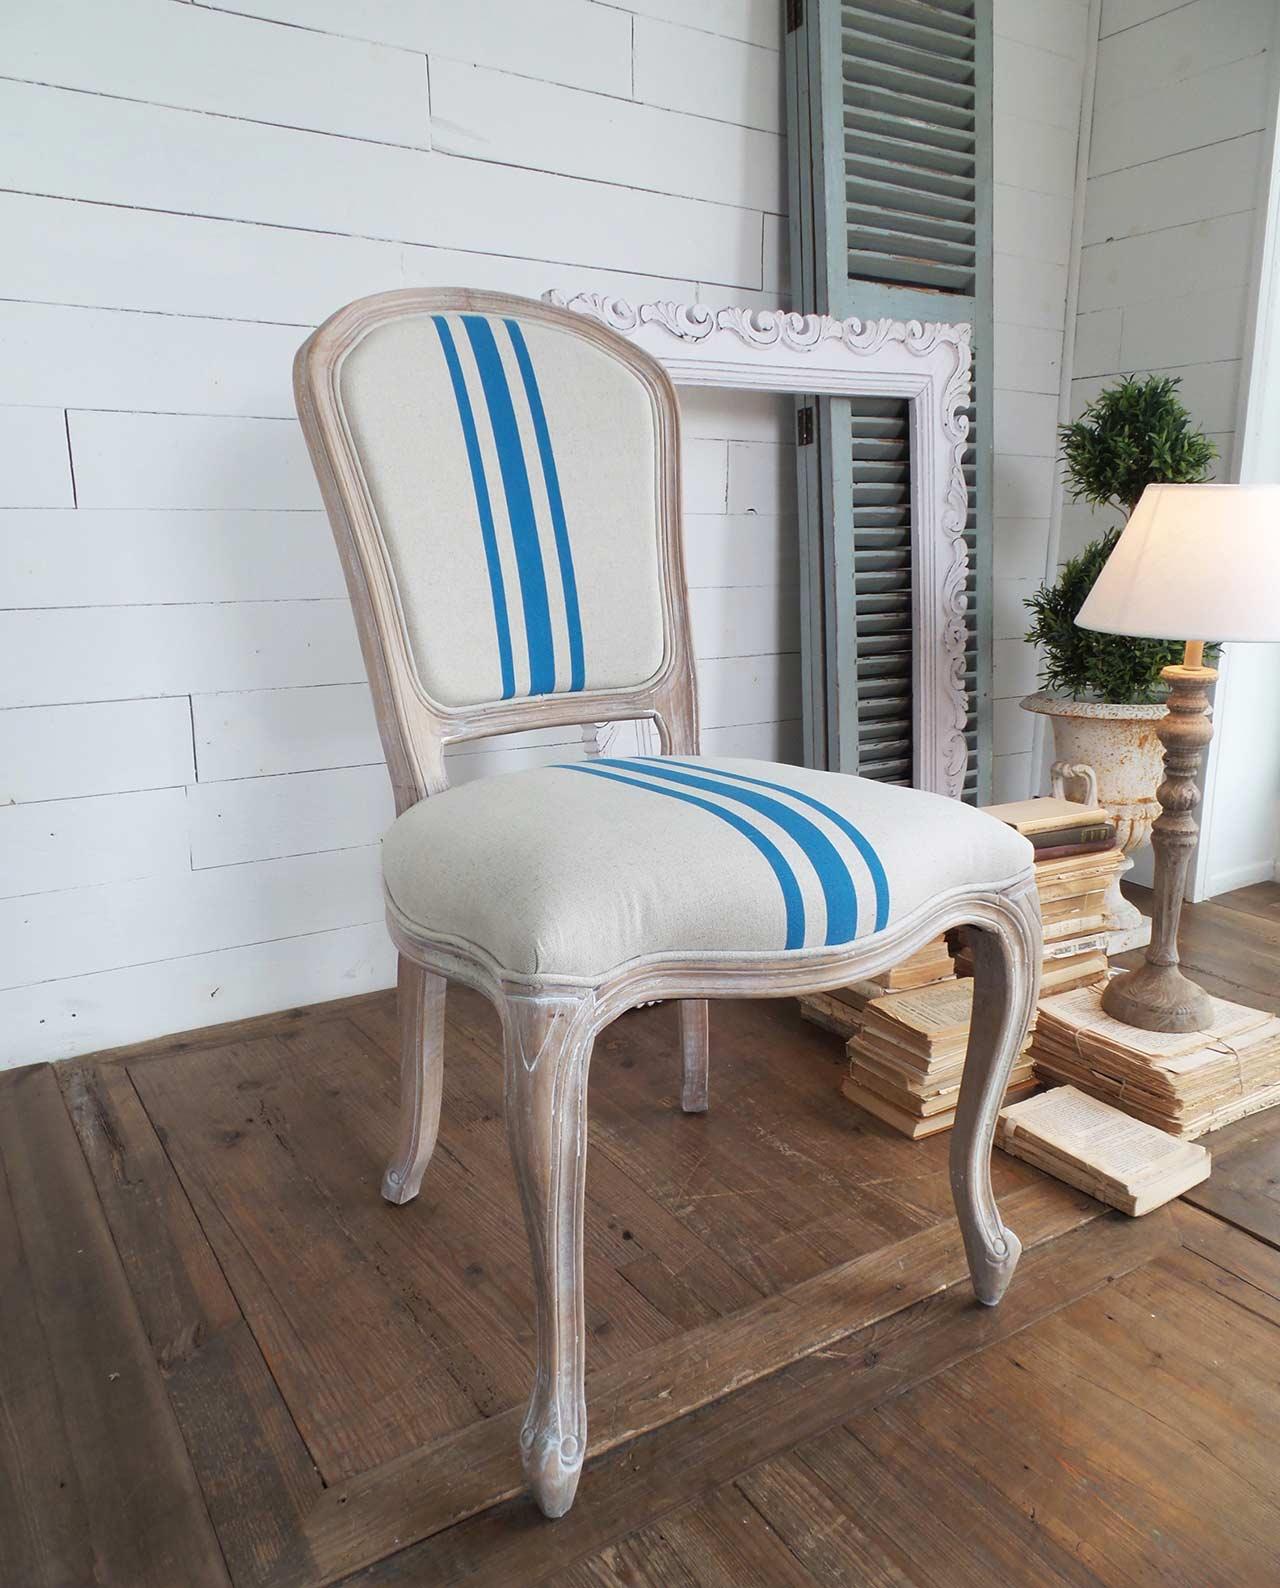 Sedie imbottite legno naturale stile marinaro beige e turchese for Sedie design legno naturale